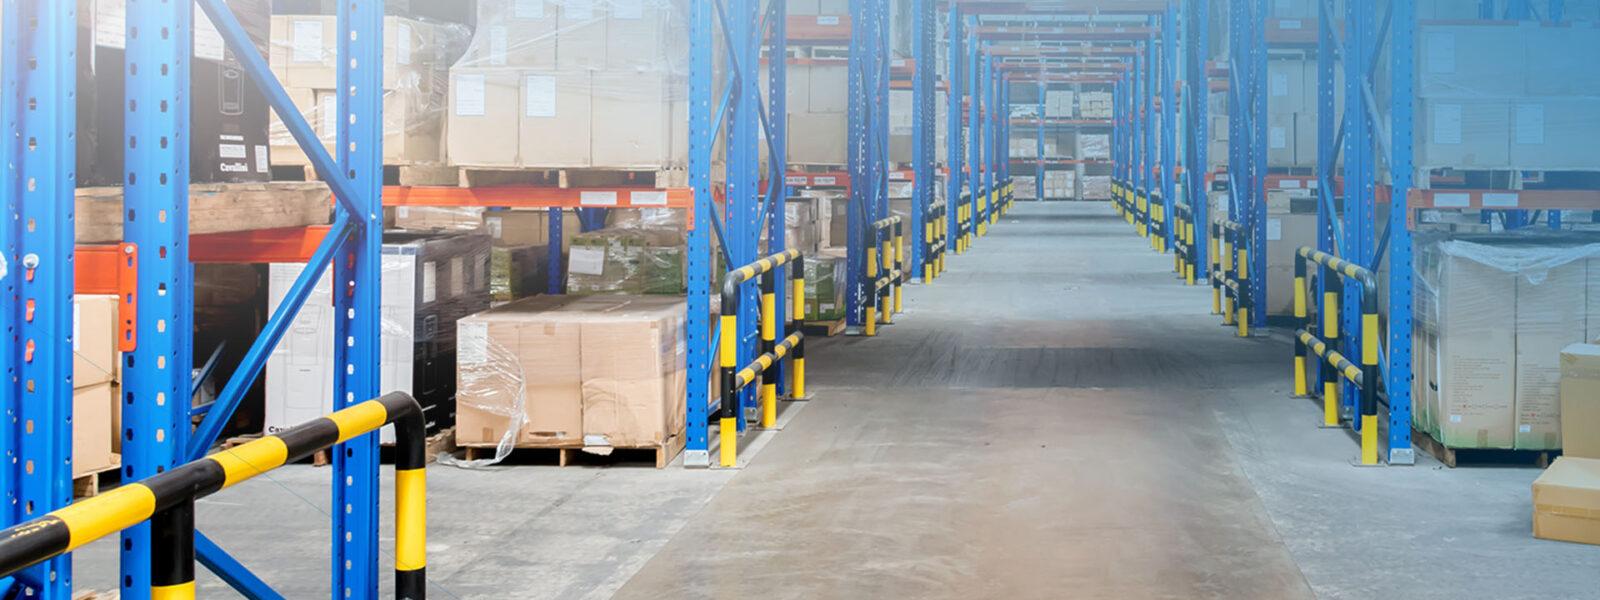 wanis-distribution-sales-food-distributor